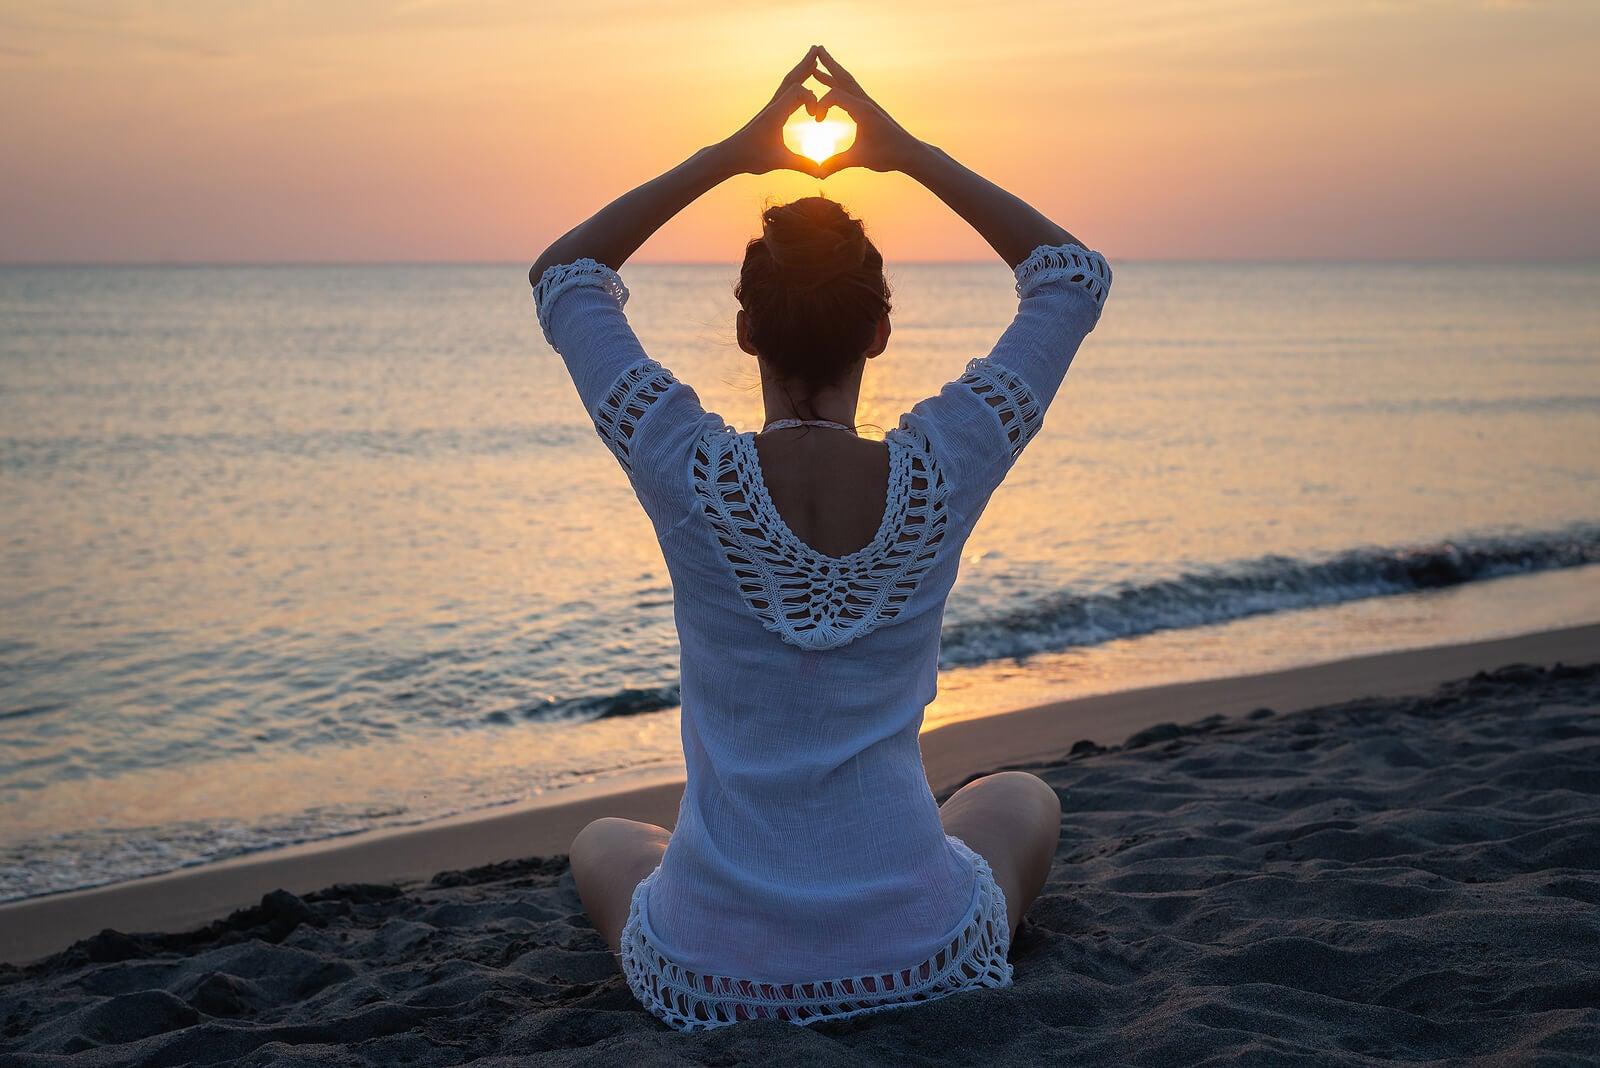 El yoga puede ser muy beneficioso para la salud